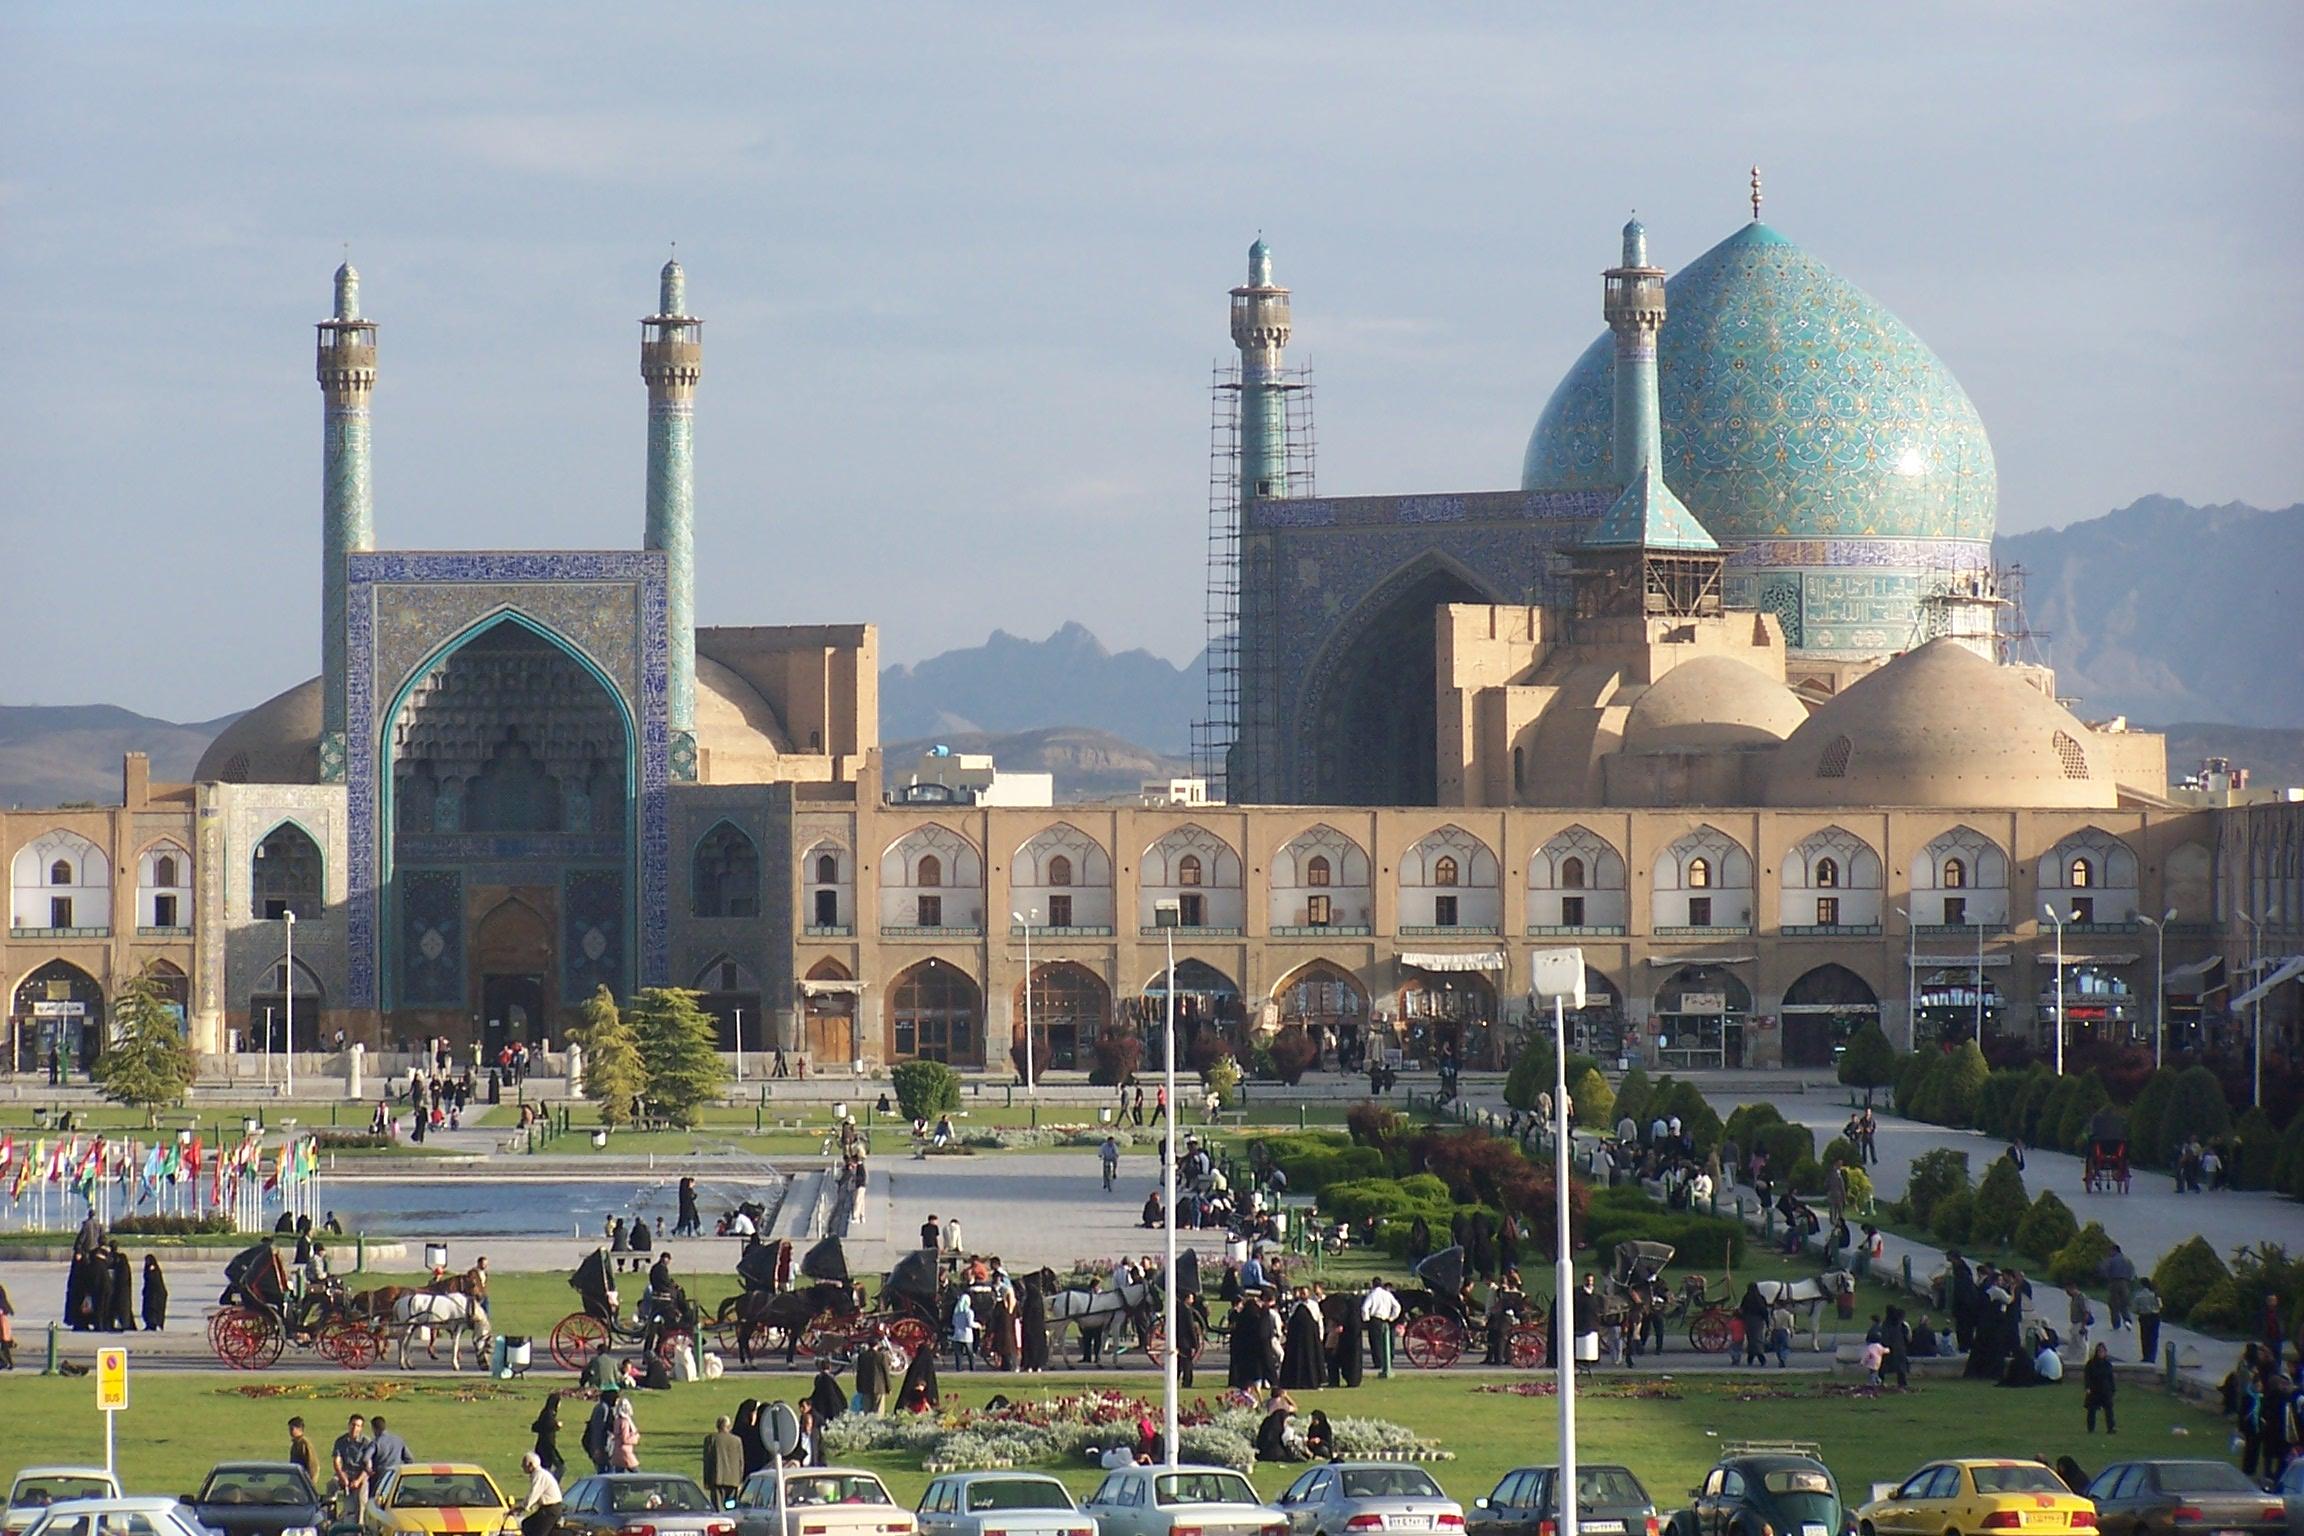 伊朗进出口 进出口货物 伊朗进口通关 邮寄货物到伊朗 国际快递 伊朗双清专线 伊朗专线 伊朗双清包税国际专线